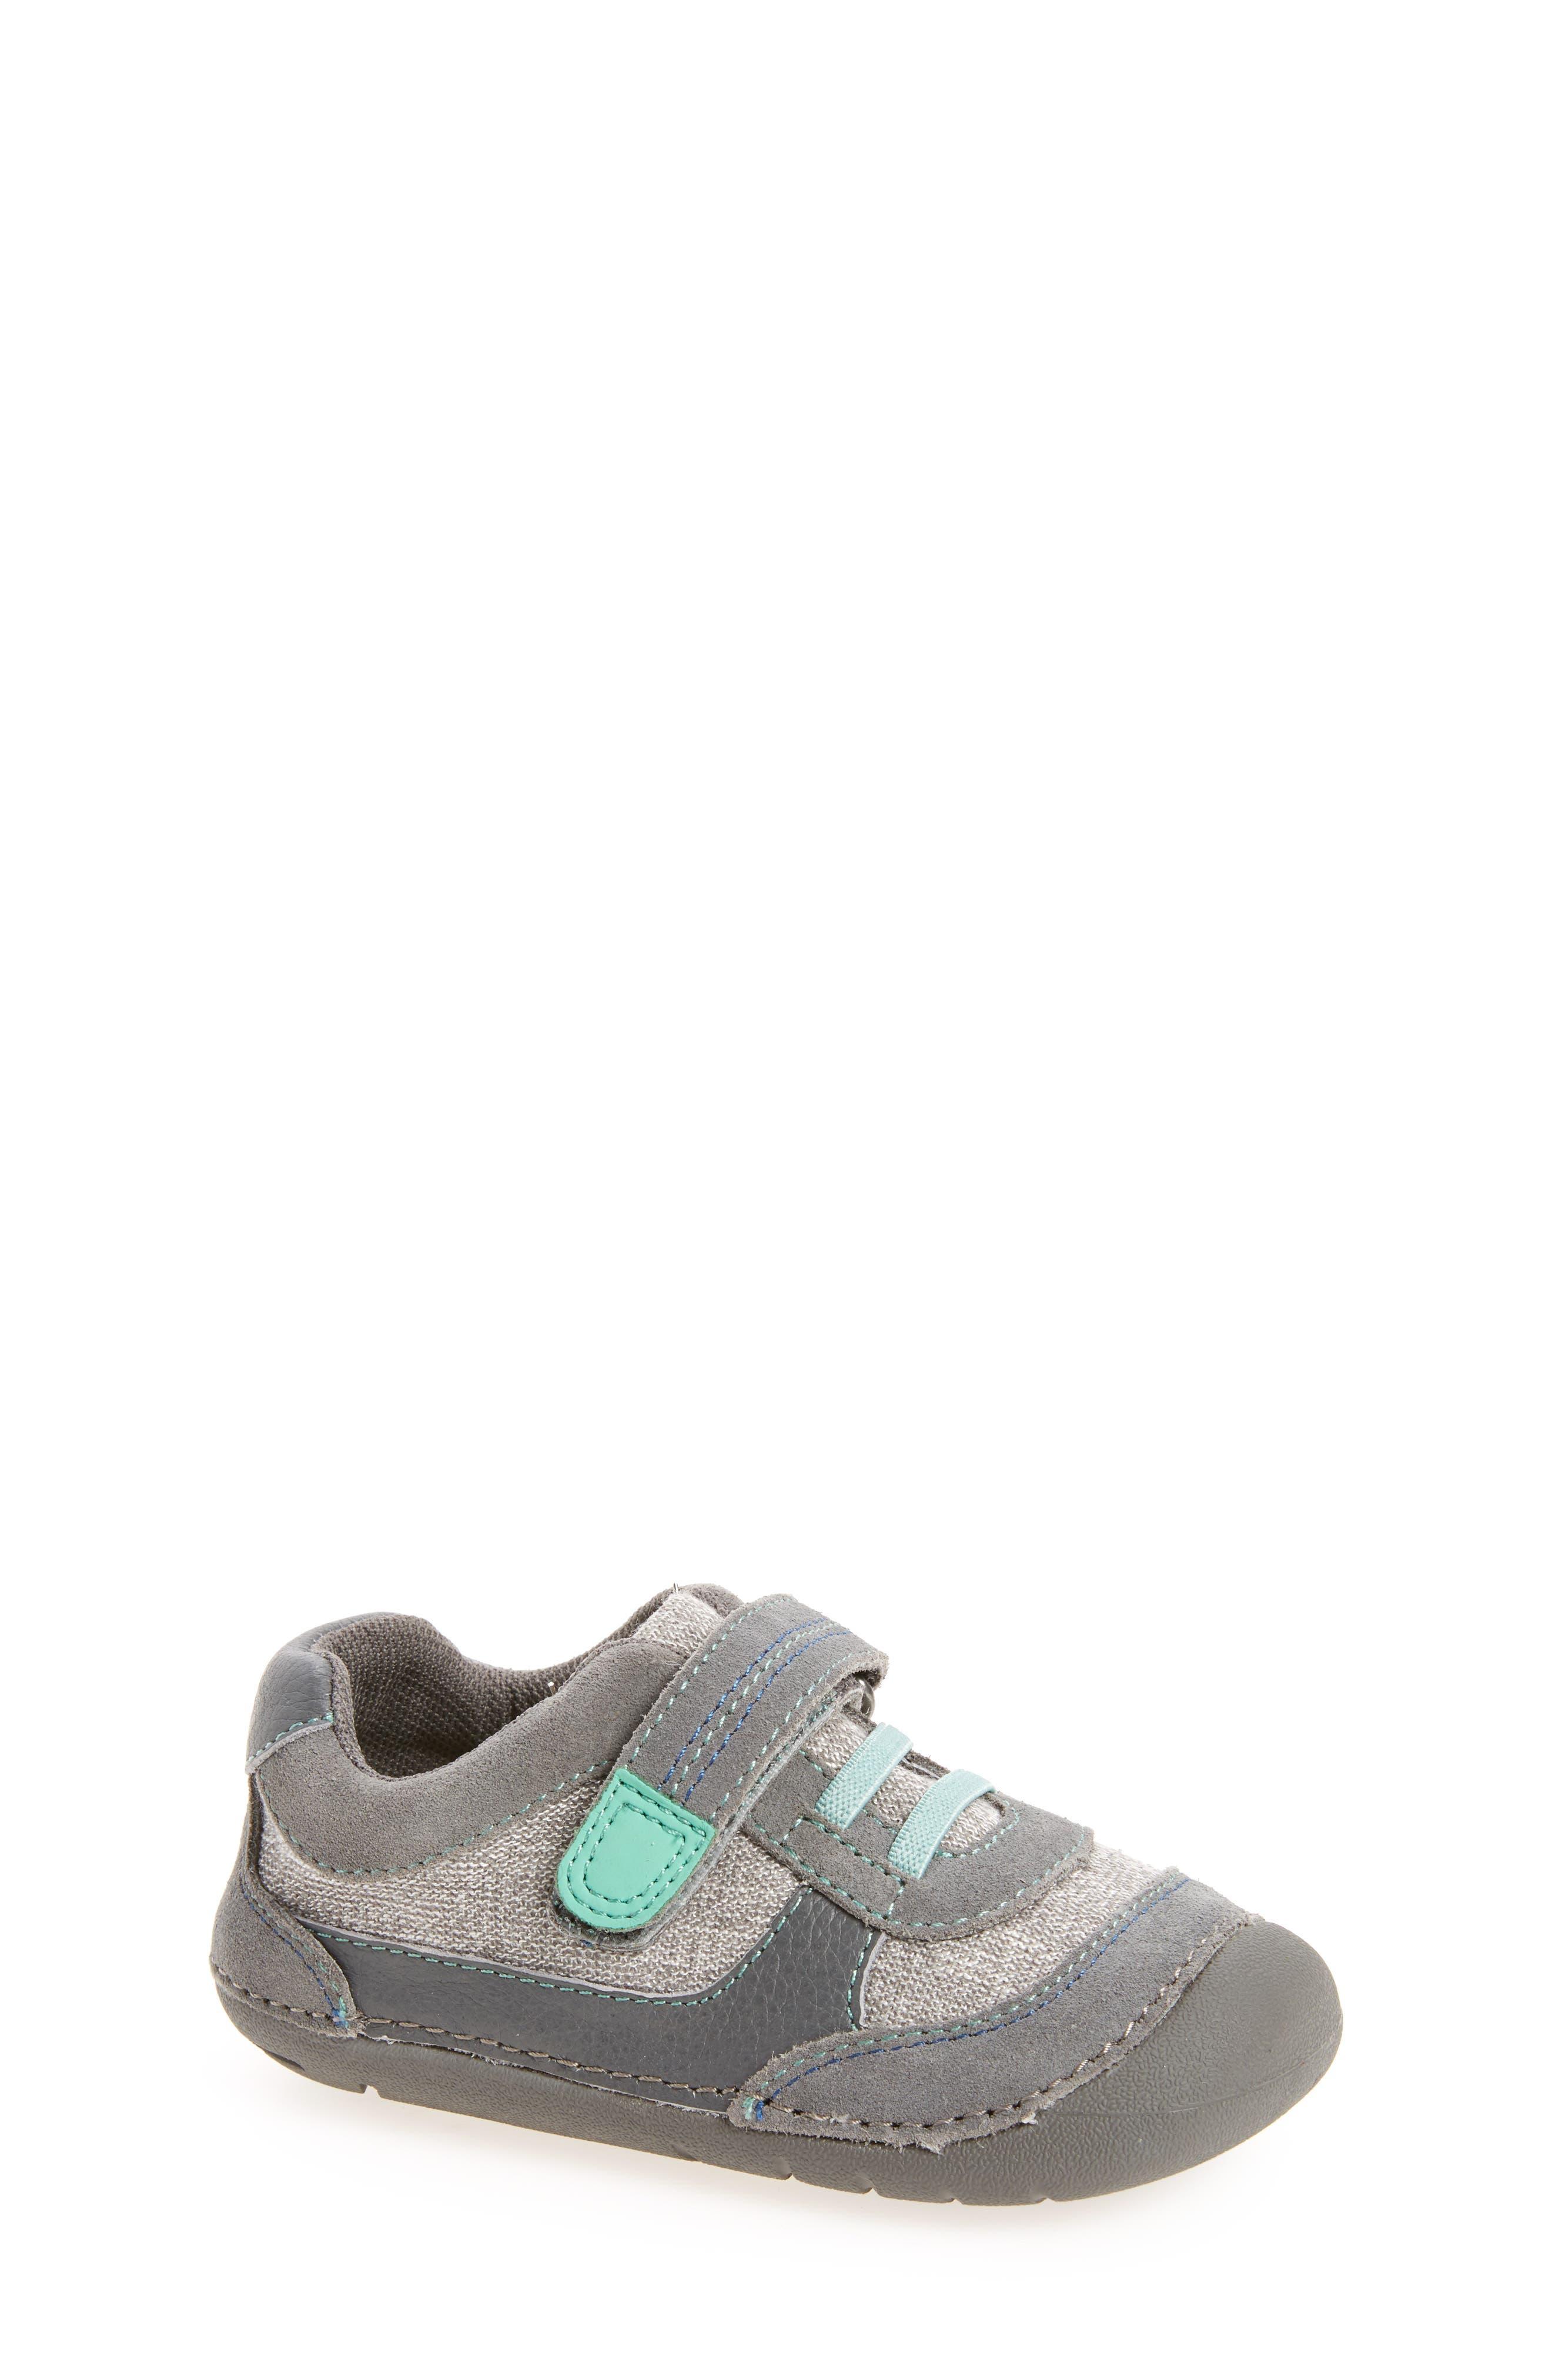 Tucker + Tate Raycer Sneaker (Baby & Walker)